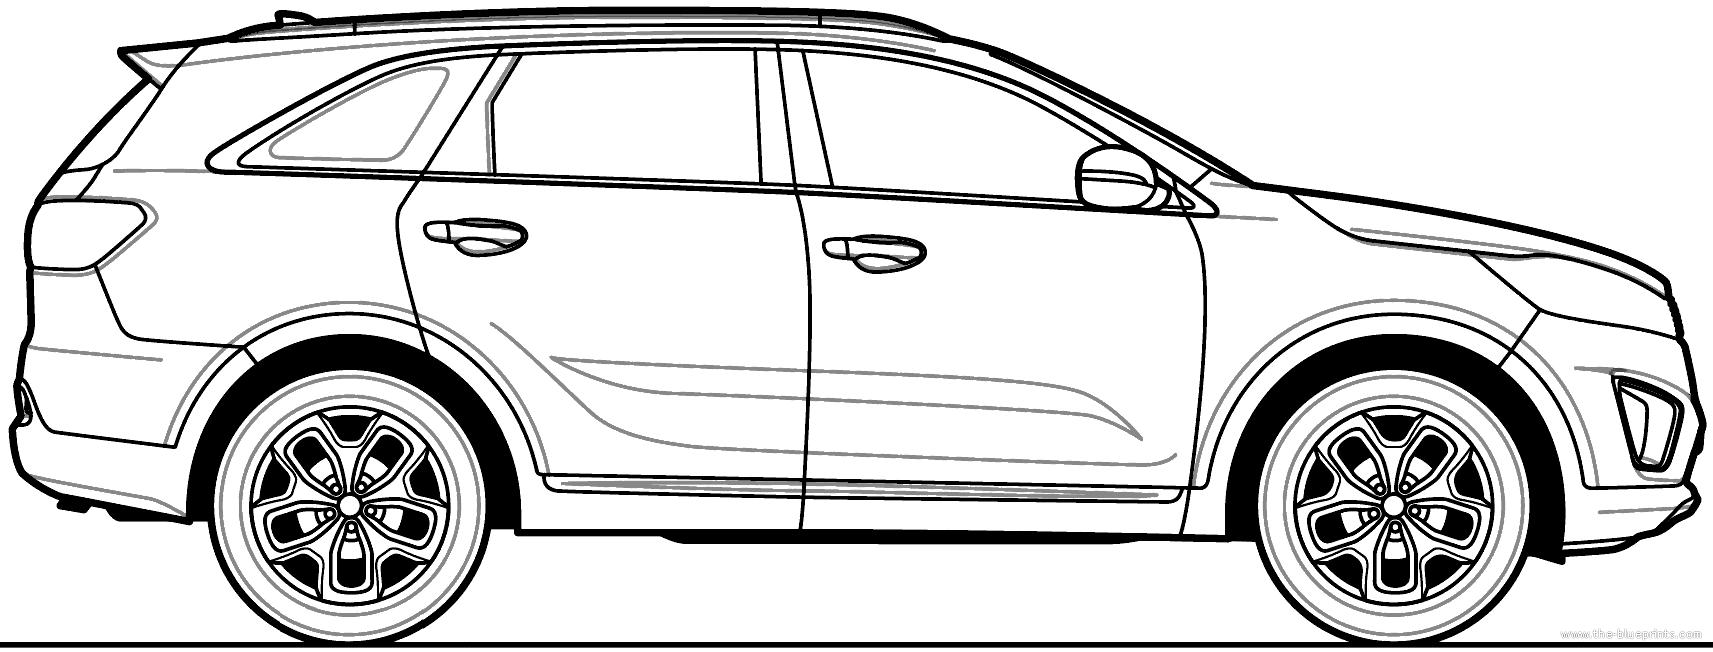 Blueprints > Cars > Kia > Kia Sorento (2015)